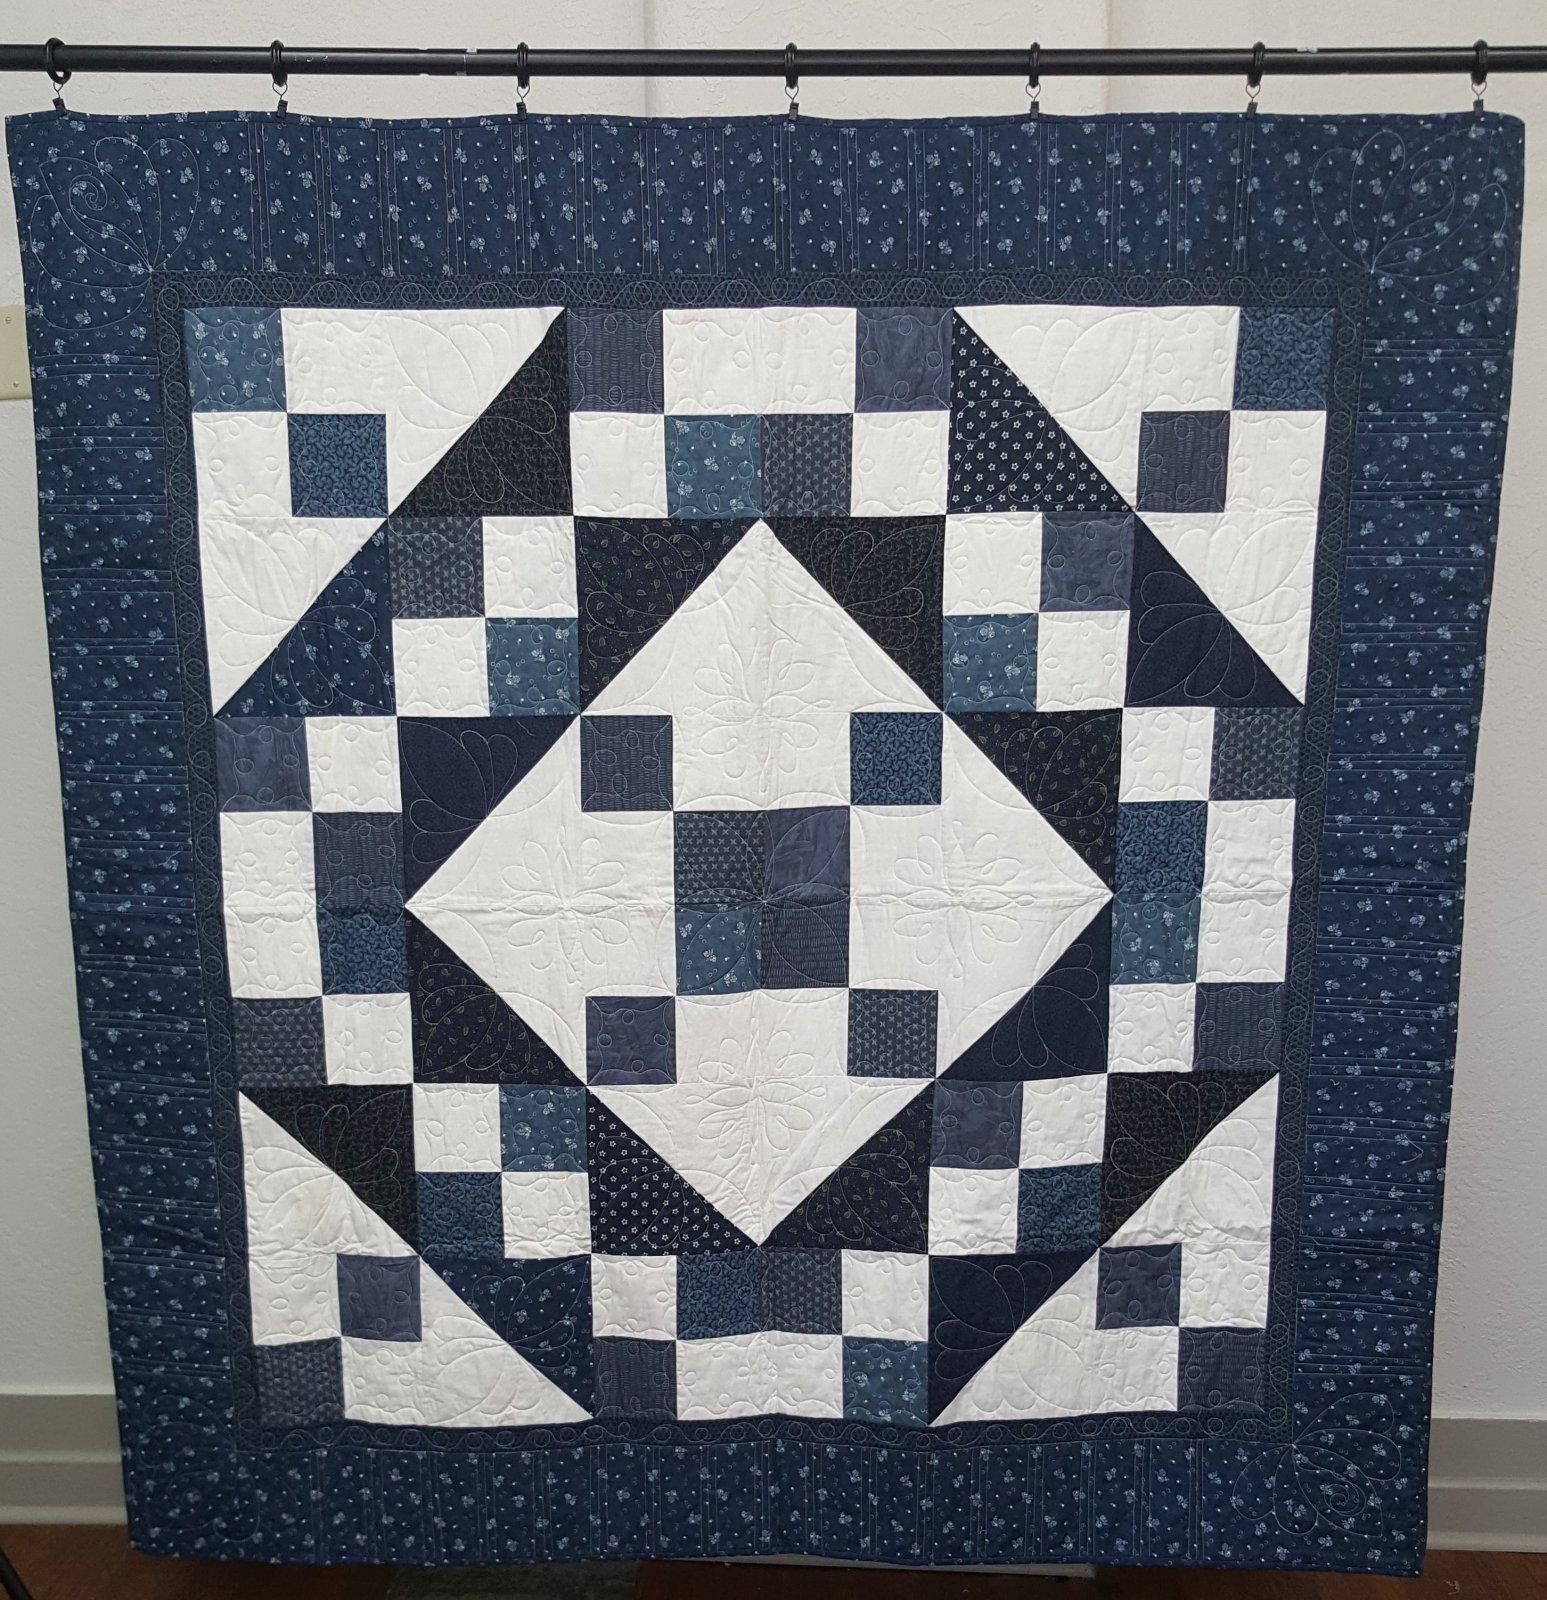 Blue/White Jacob's Ladder Quilt